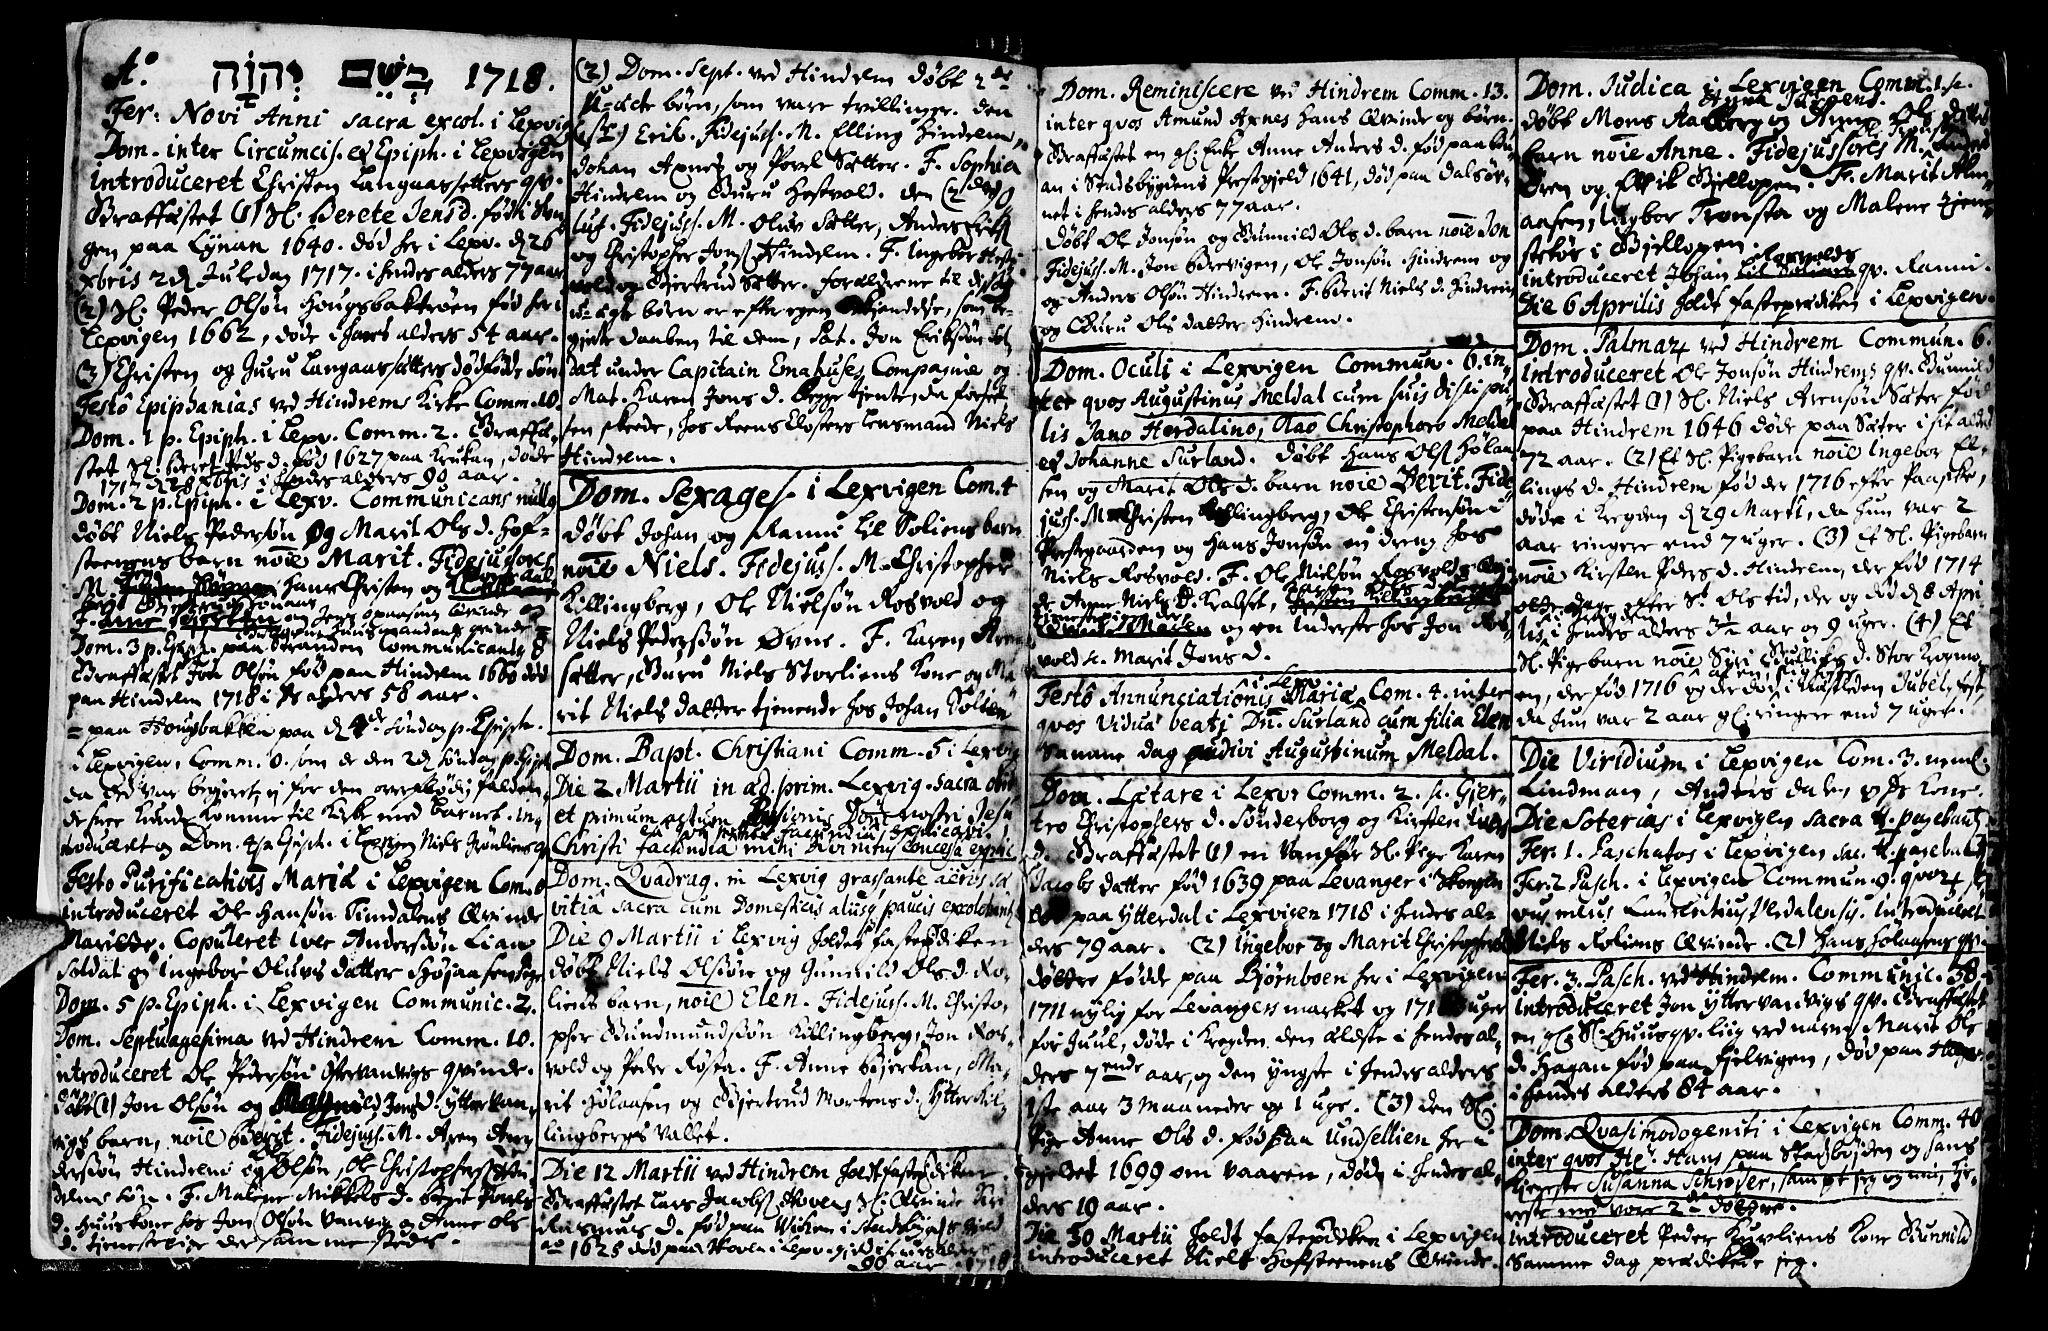 SAT, Ministerialprotokoller, klokkerbøker og fødselsregistre - Nord-Trøndelag, 701/L0001: Ministerialbok nr. 701A01, 1717-1731, s. 2